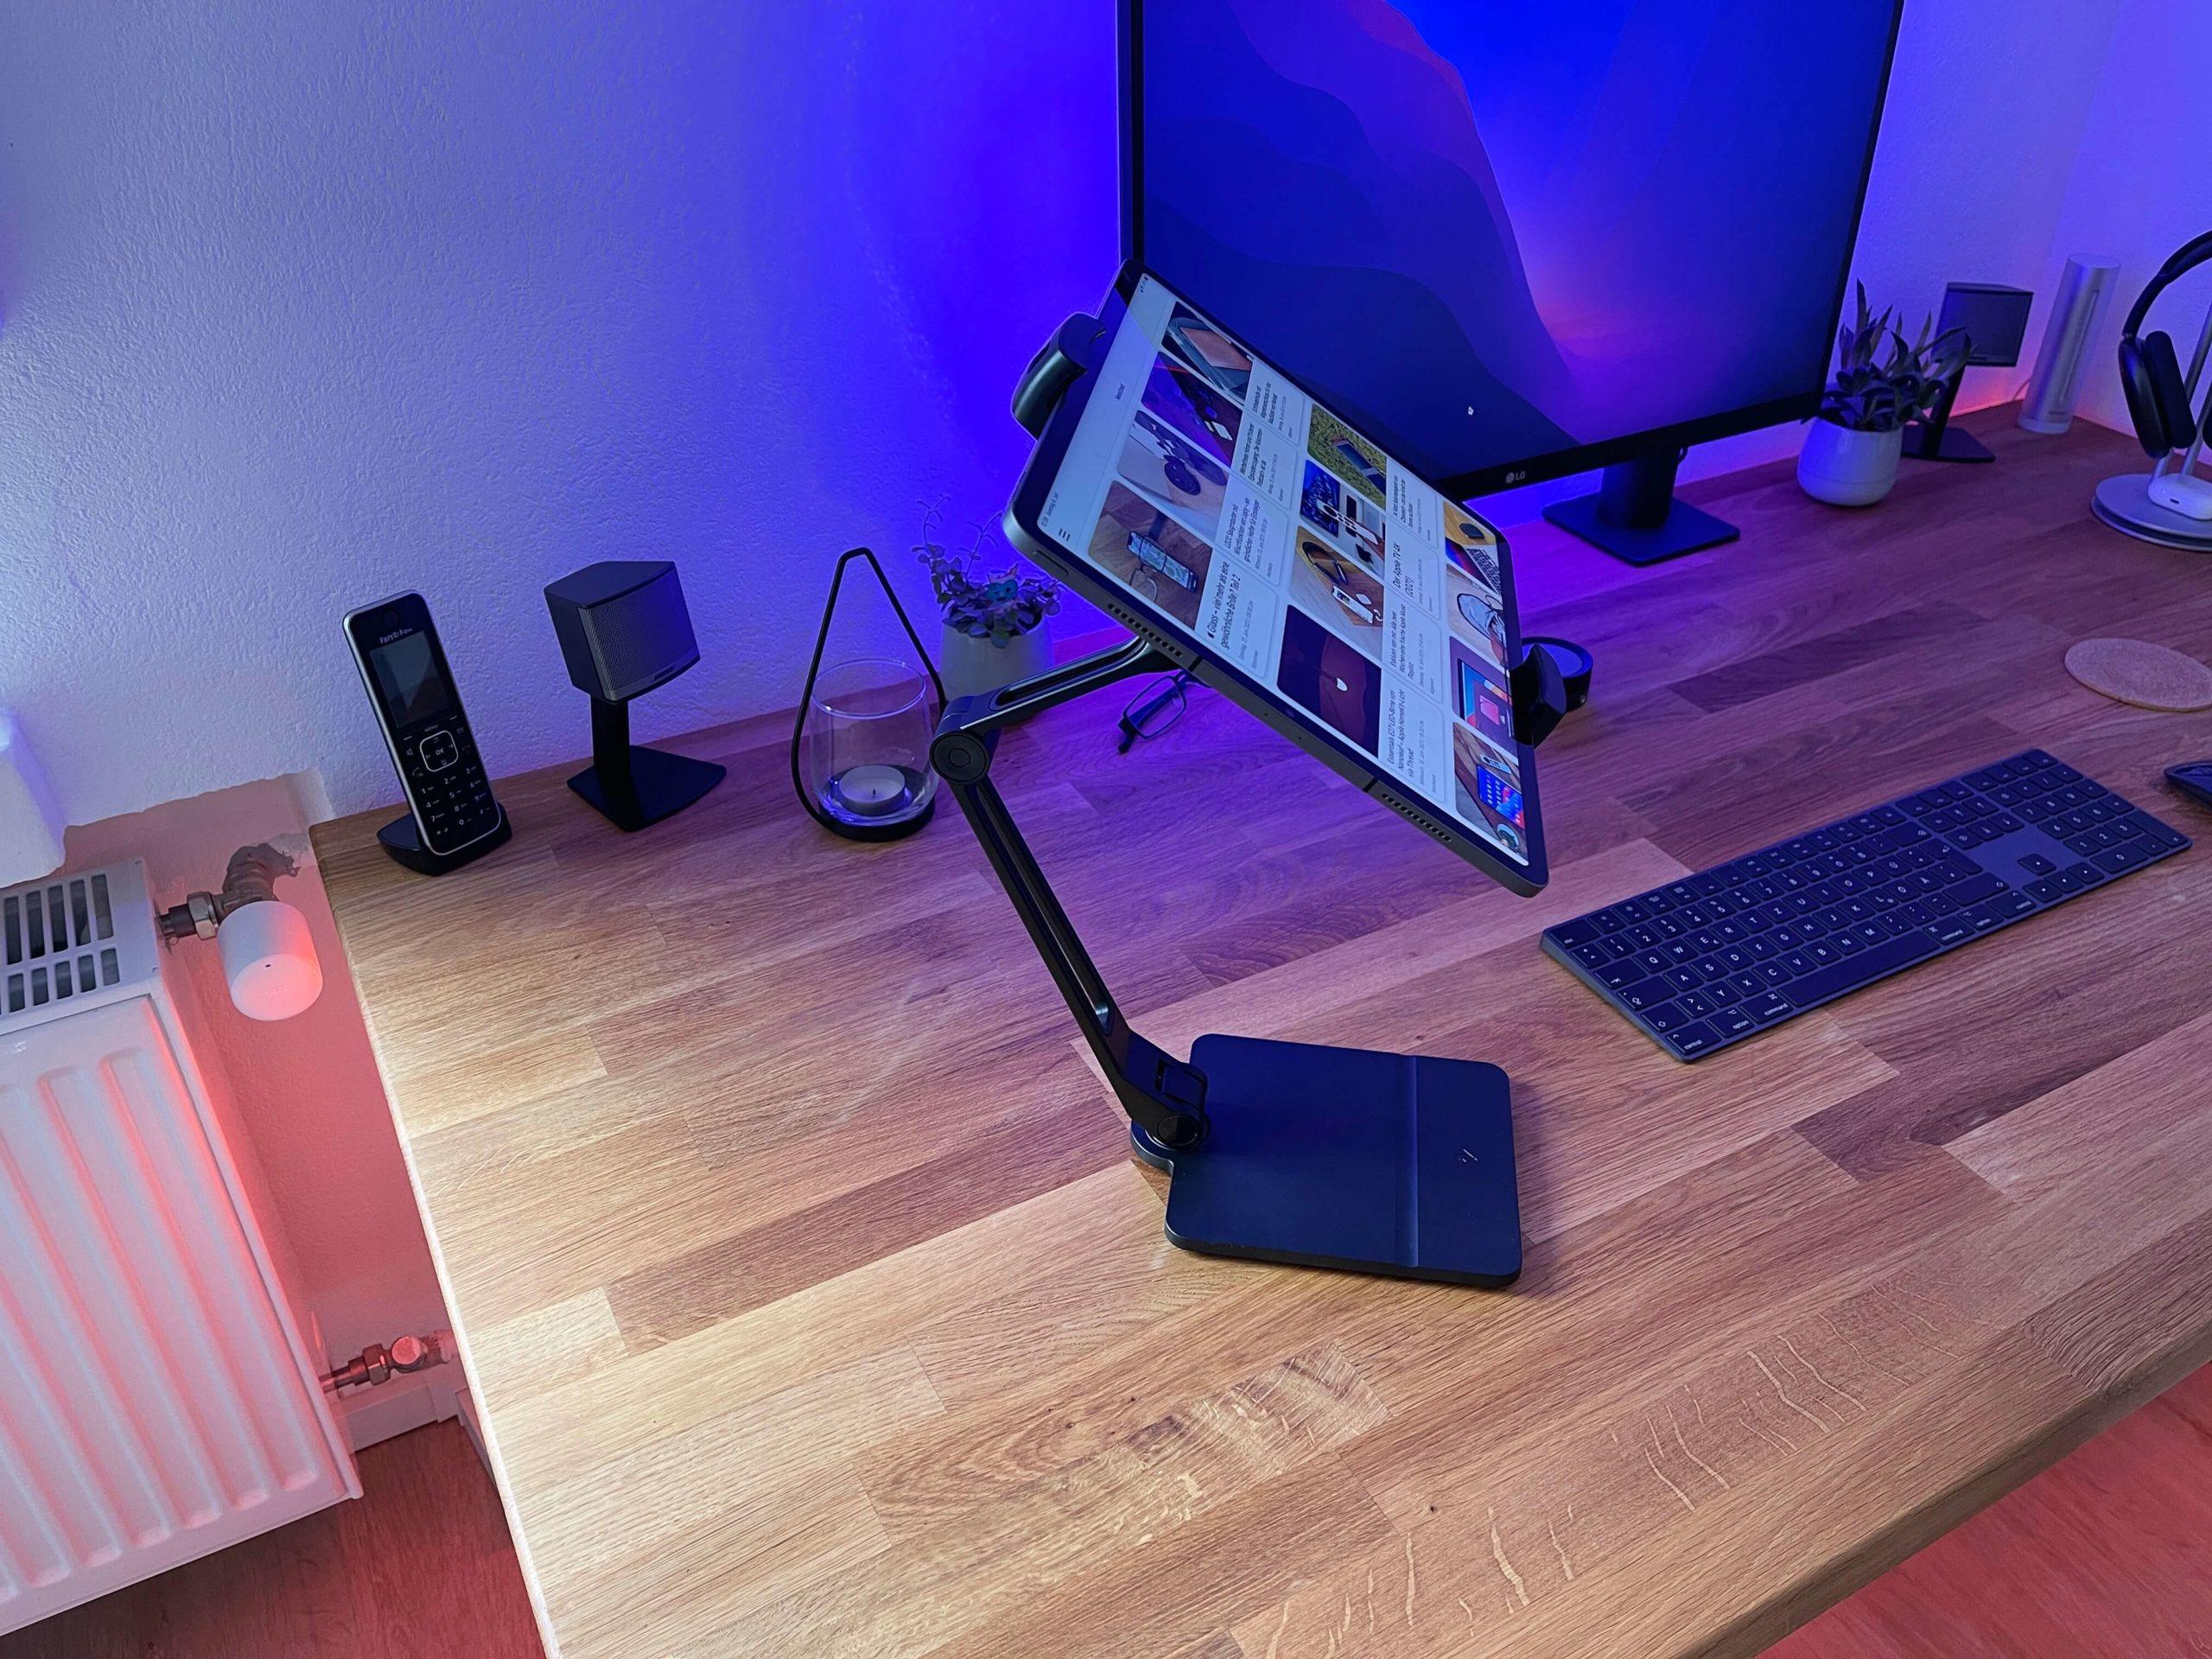 HoverBar-Duo-von-Twelve-South-verstellbarer-Schwanenhalshalter-fuer-das-iPad4-scaled HoverBar Duo von Twelve South - verstellbarer Schwanenhalshalter für das iPad